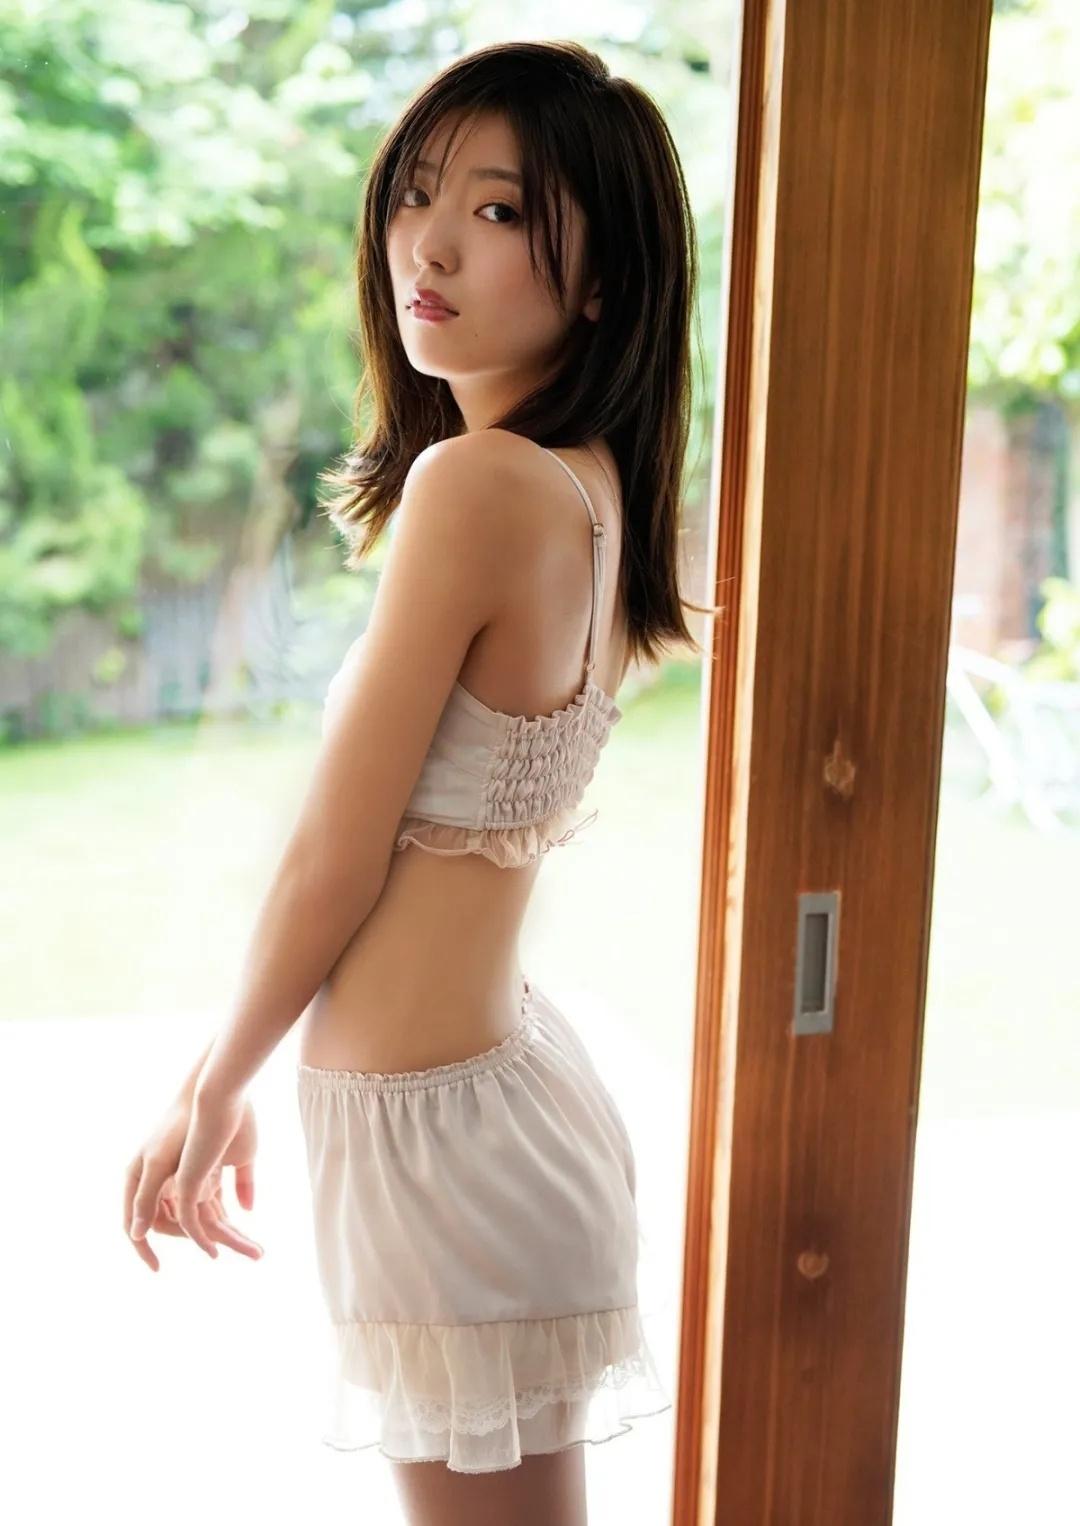 清纯至极人美如其名的工藤美樱写真作品 (21)